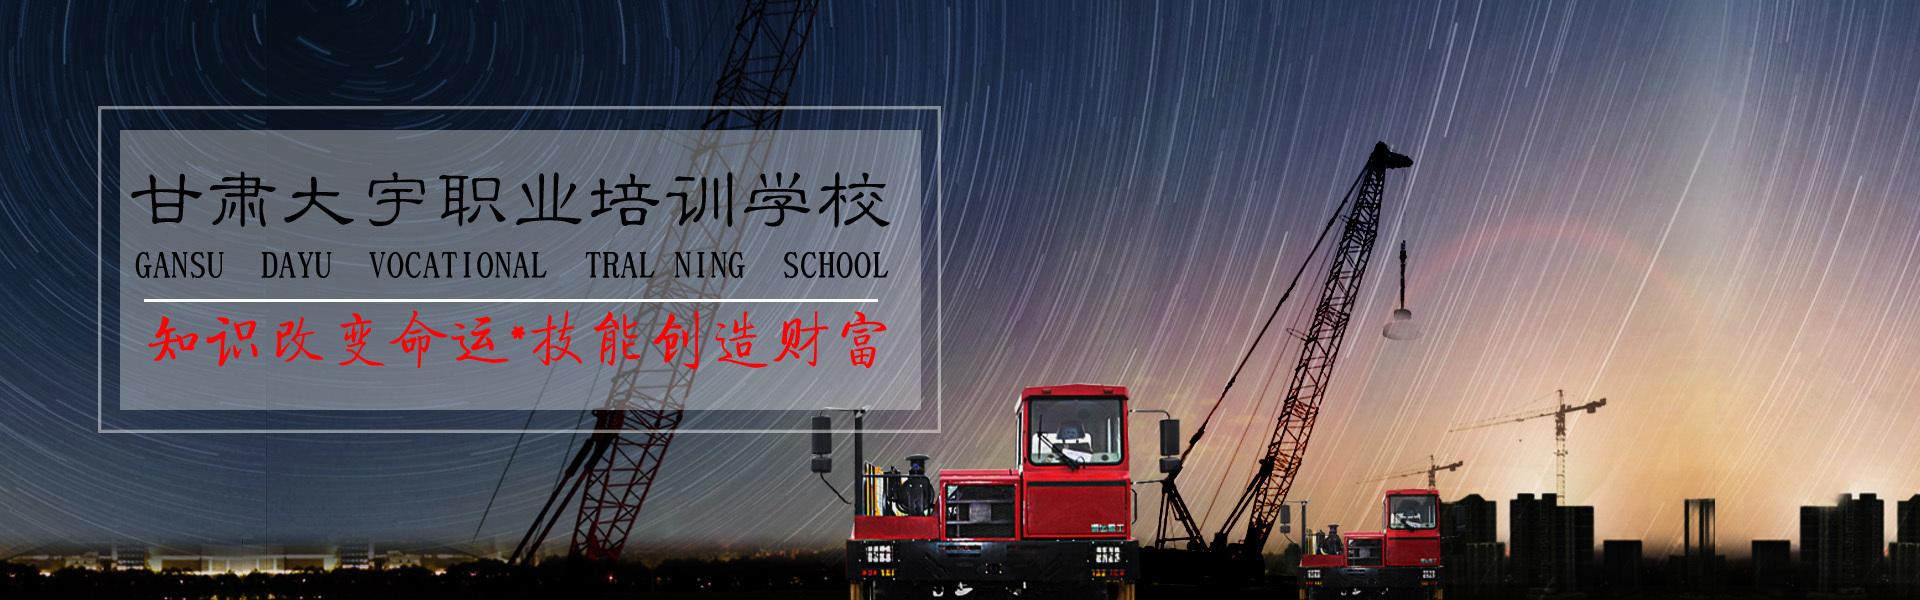 甘肃大宇挖掘机职业培训学校(电话:13893645244)-兰州挖掘机培训、装载机培训、平路机培训、推土机培训、压路机培训、起重机培训等各类工程机械培训与维修专业。缓解了社会的就业压力,提供了就业发展的服务平台。